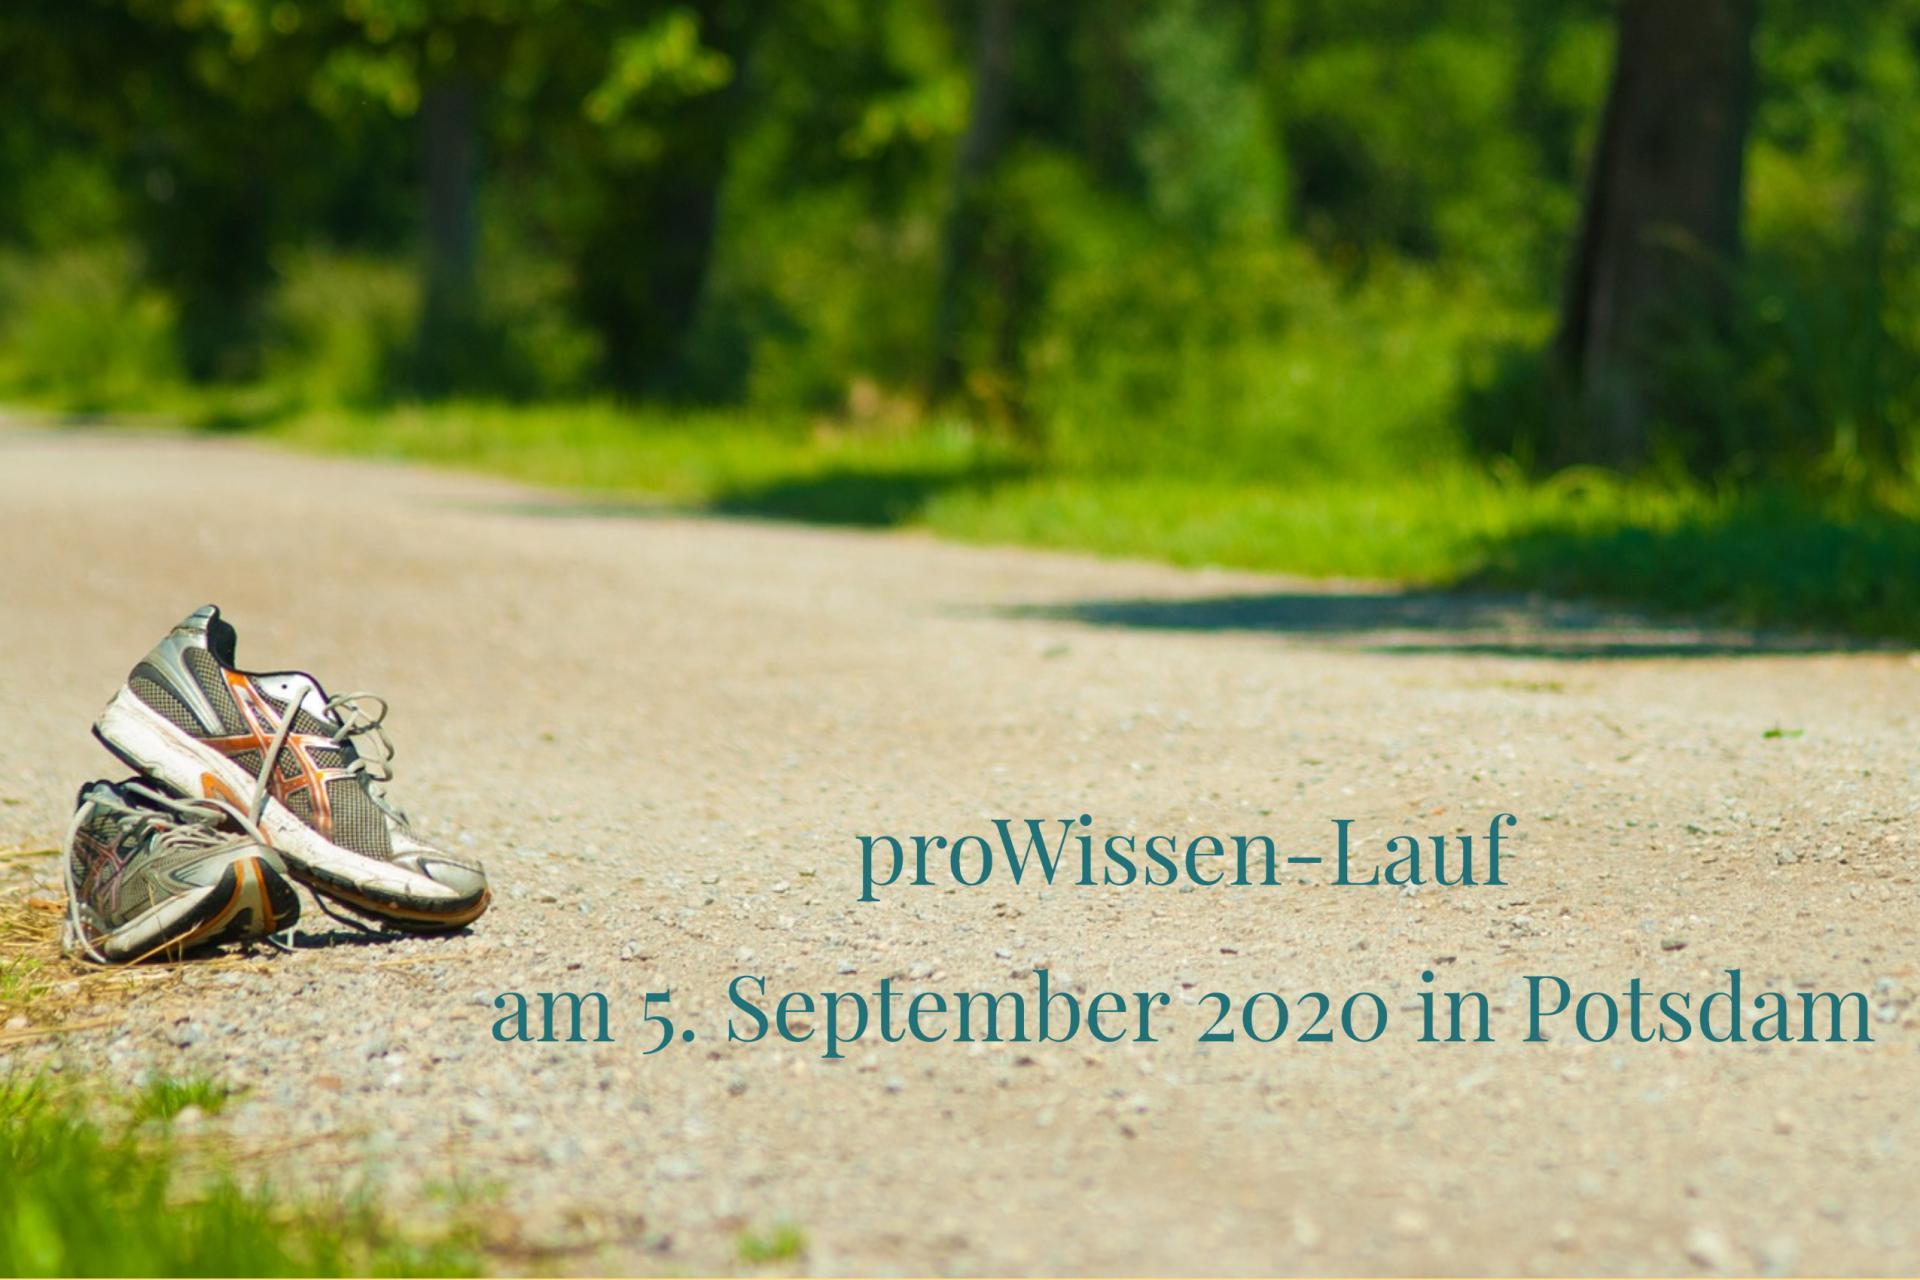 proWissenLauf in Potsdam